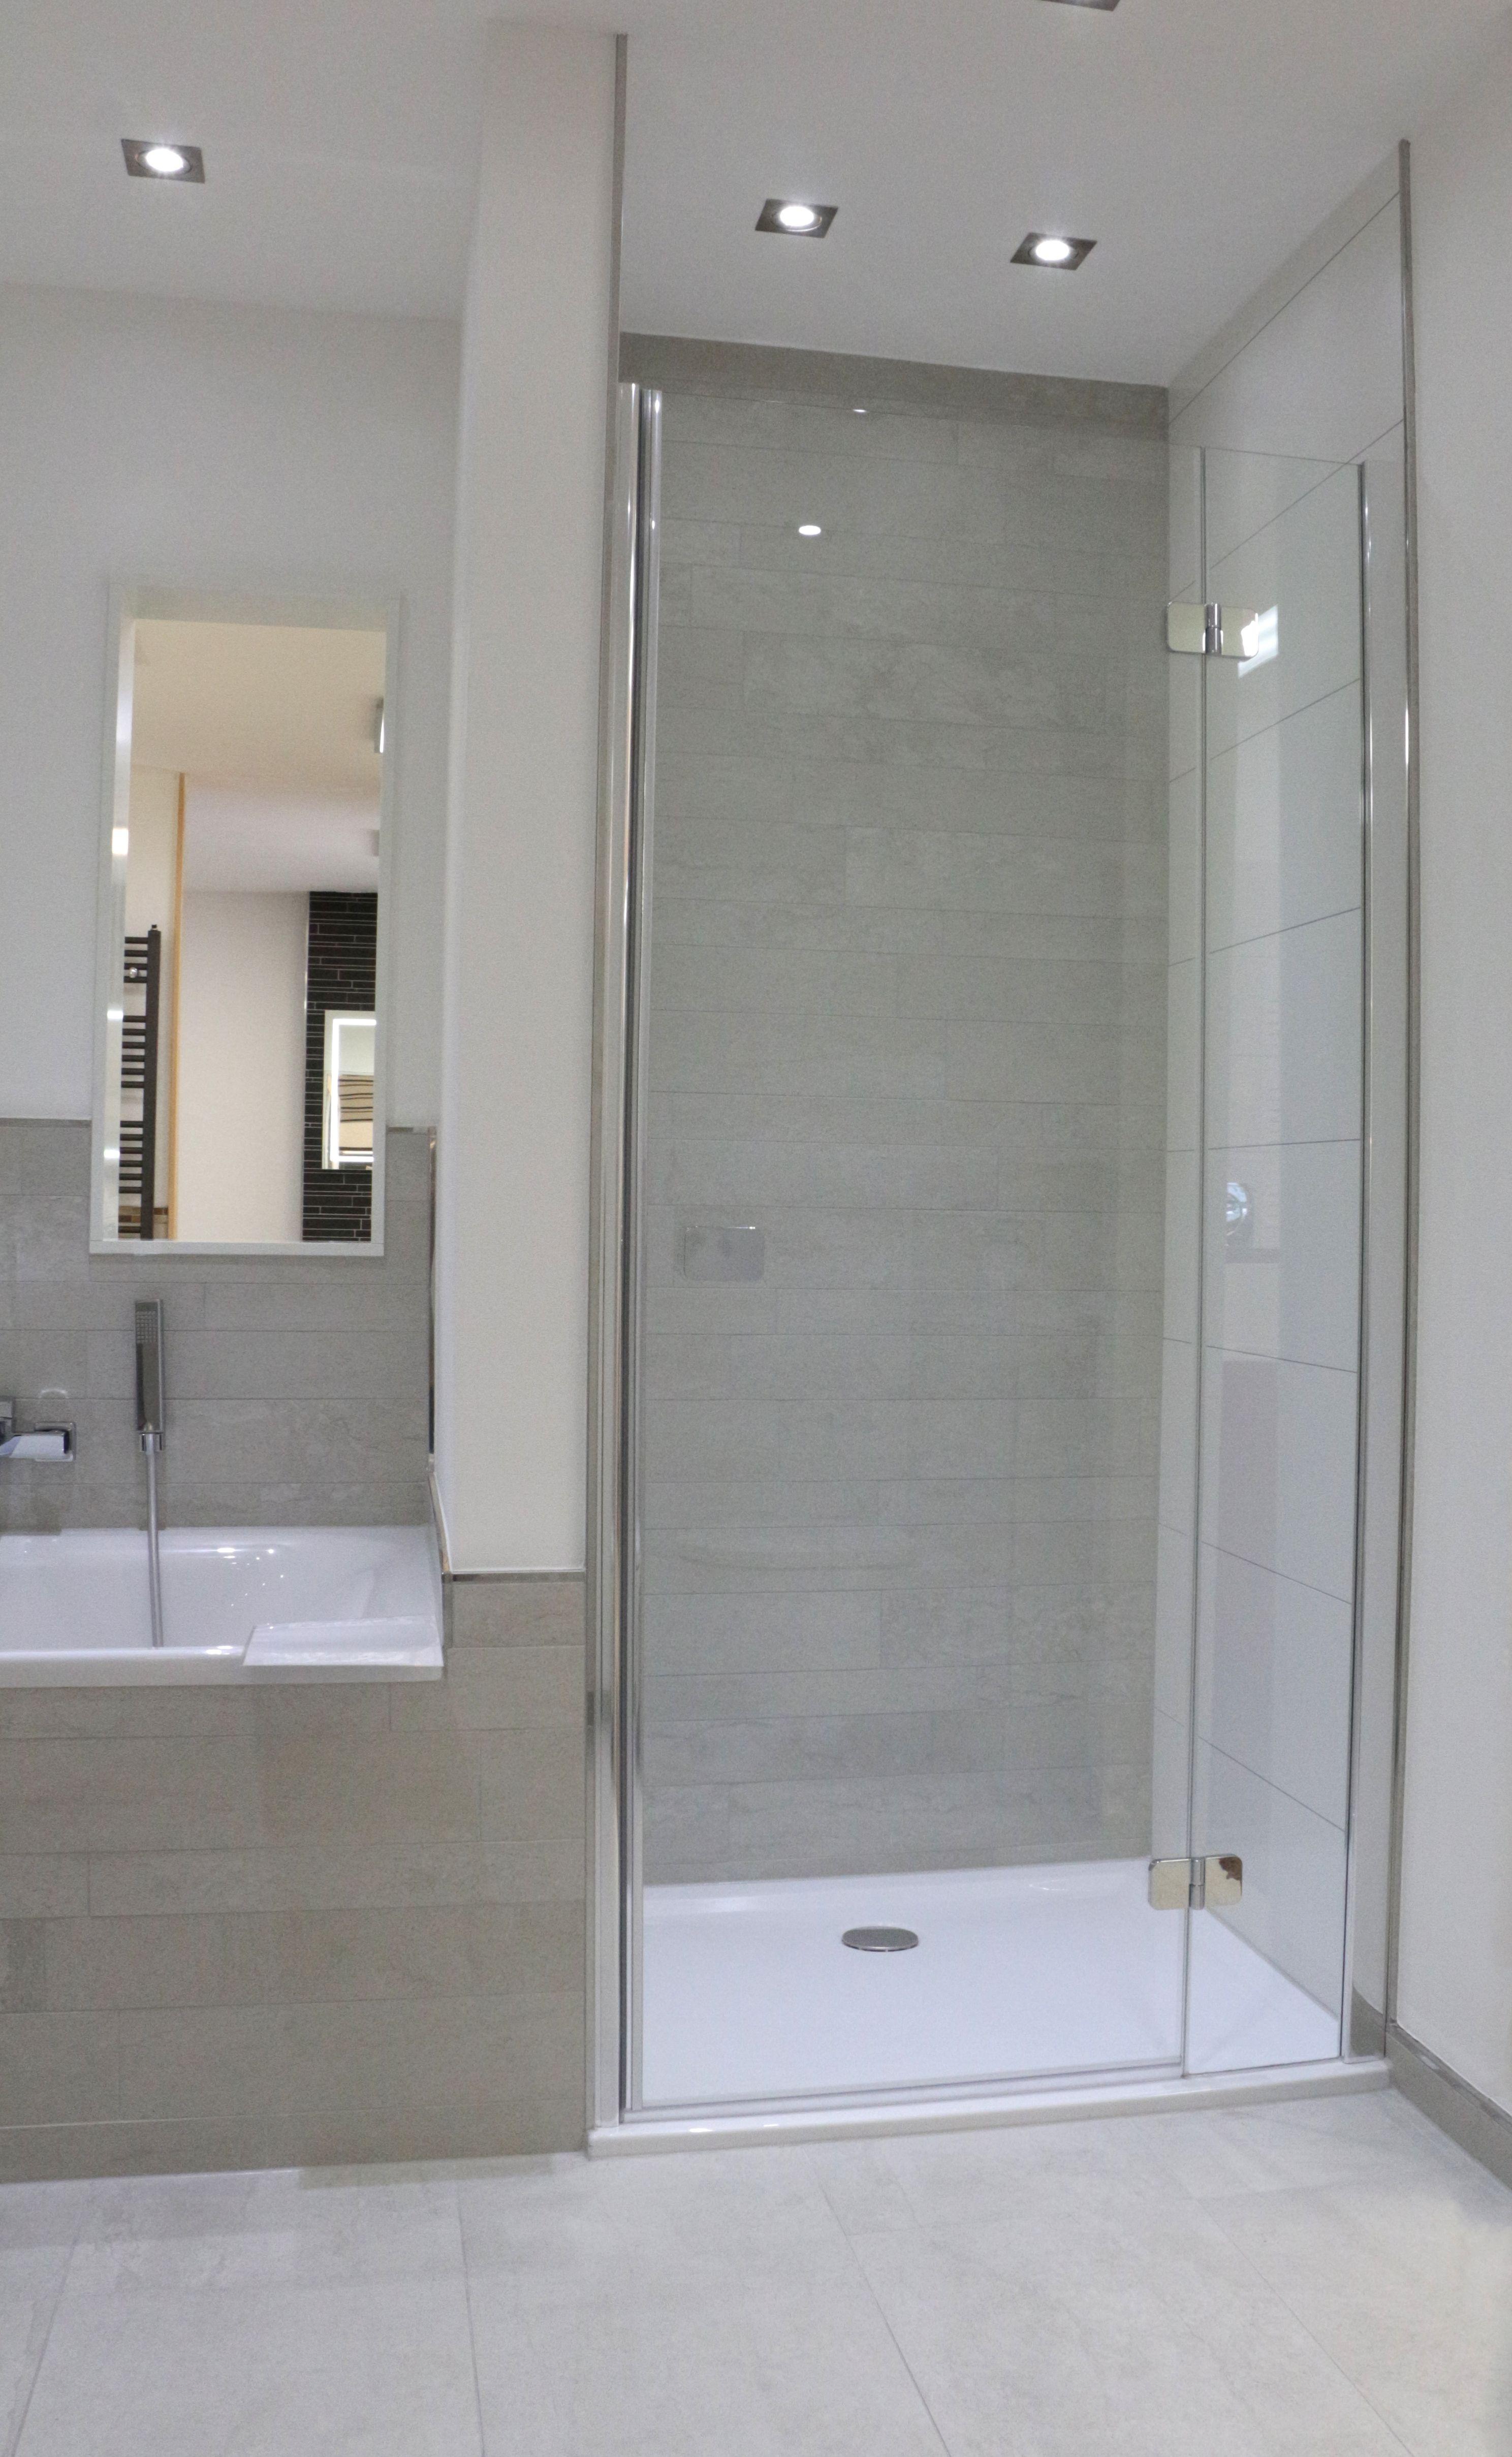 Badezimmer design natur inspiriert die schönsten badezimmer ideen  house bath and interiors